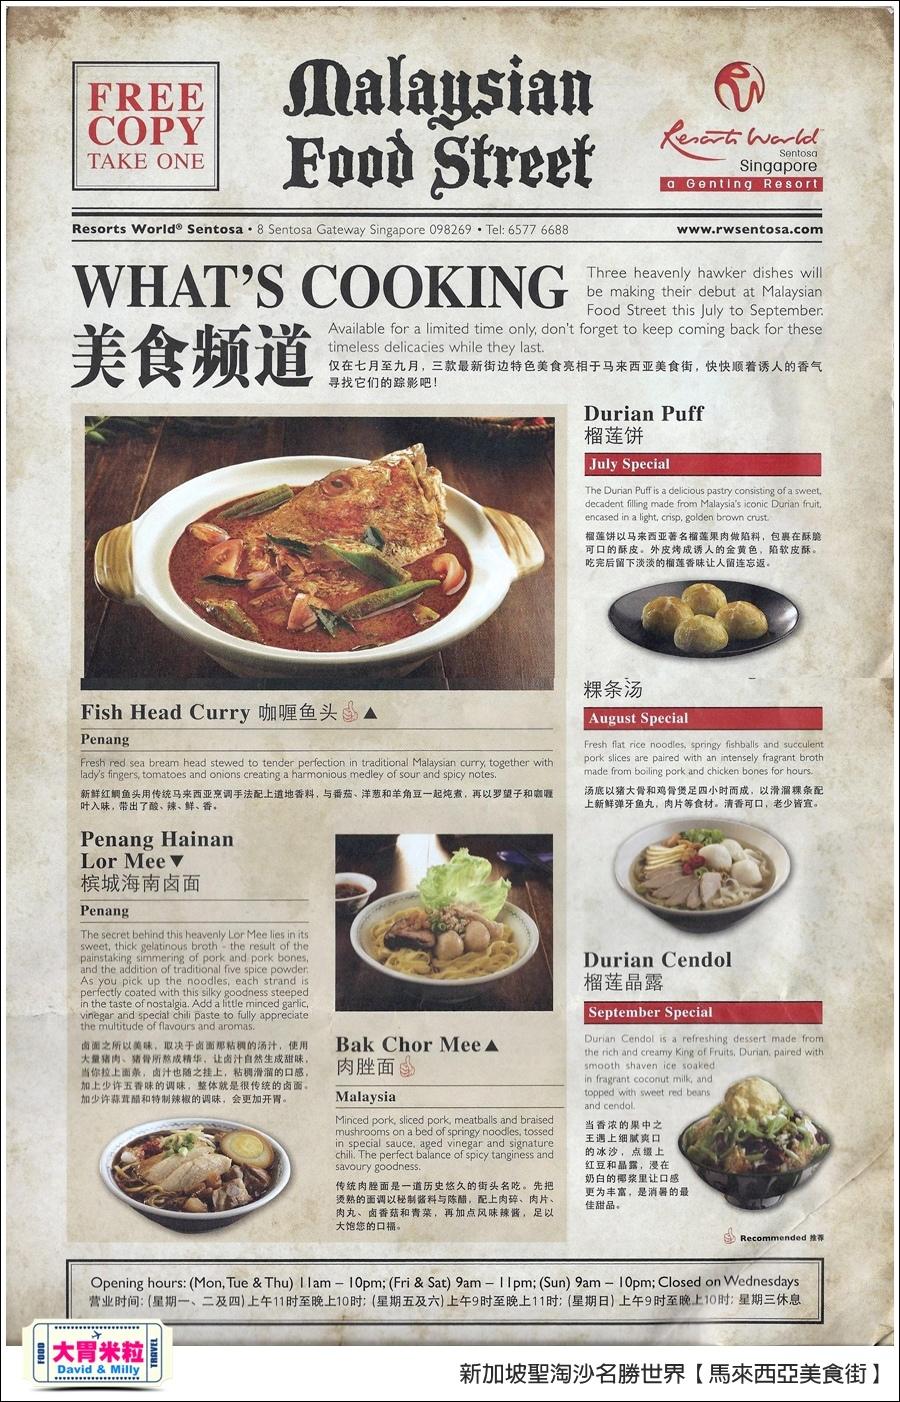 新加坡聖淘沙名勝世界必吃美食@馬來西亞美食街@大胃米粒0024.jpg